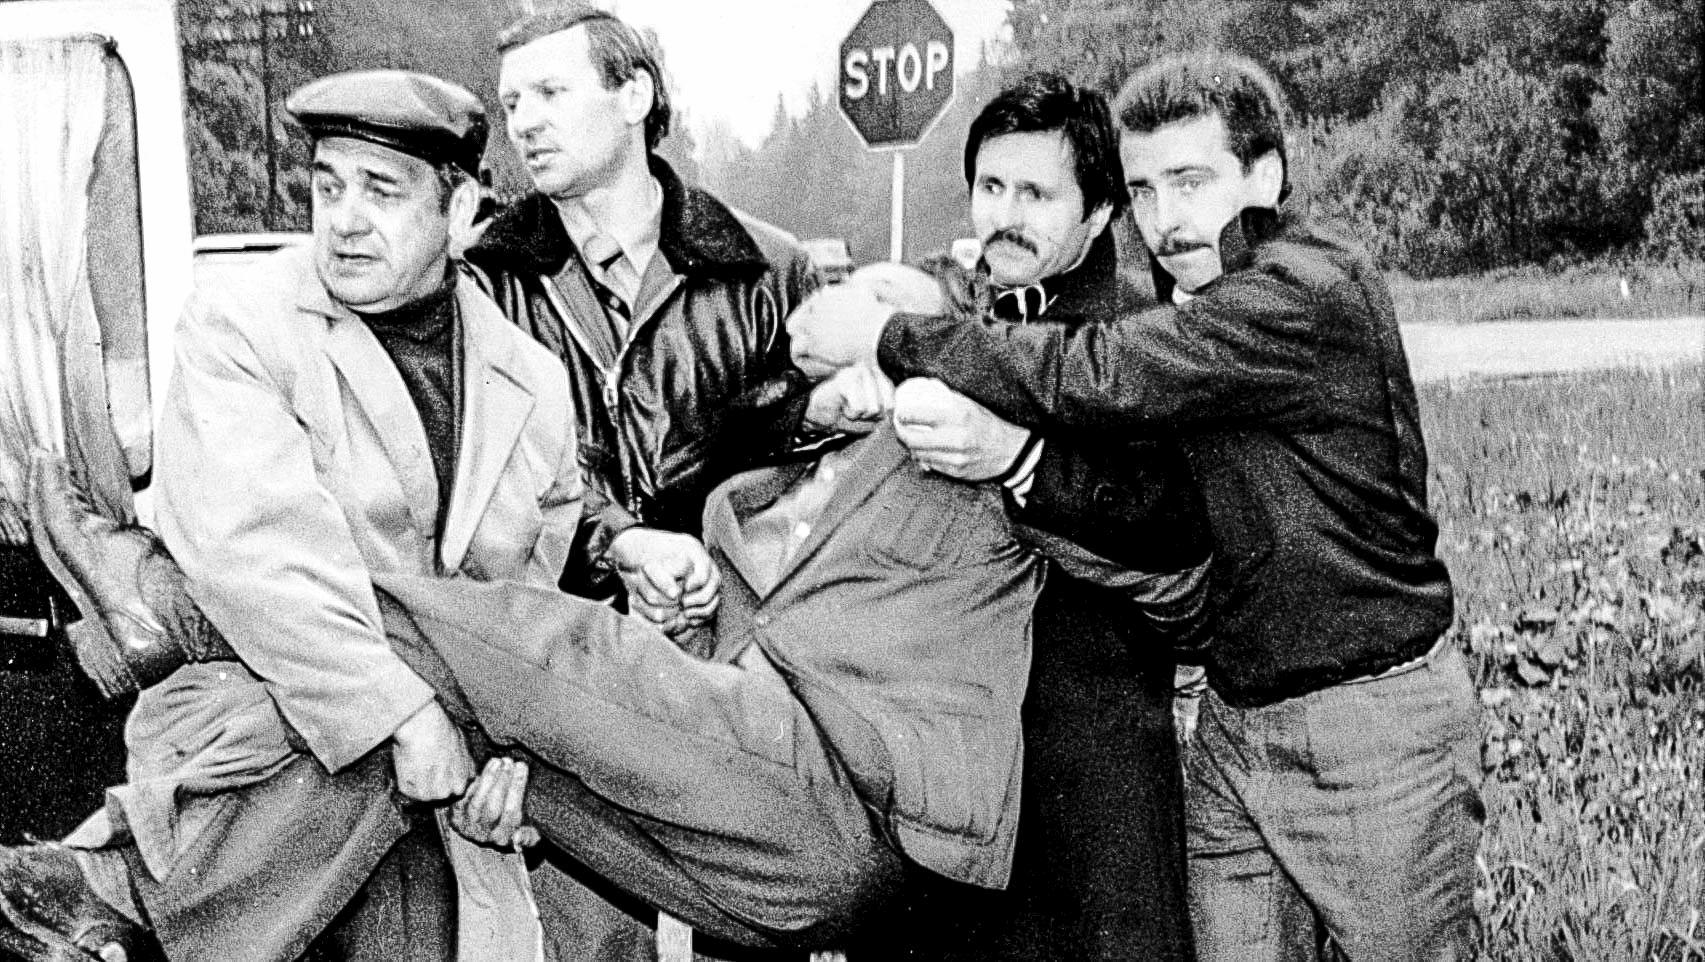 «Съём» агента ЦРУ Адольфа Толкачёва. Второй слева— Владимир Зайцев, ныне вице-президент Международной Ассоциации «Альфа». Фото 1985года